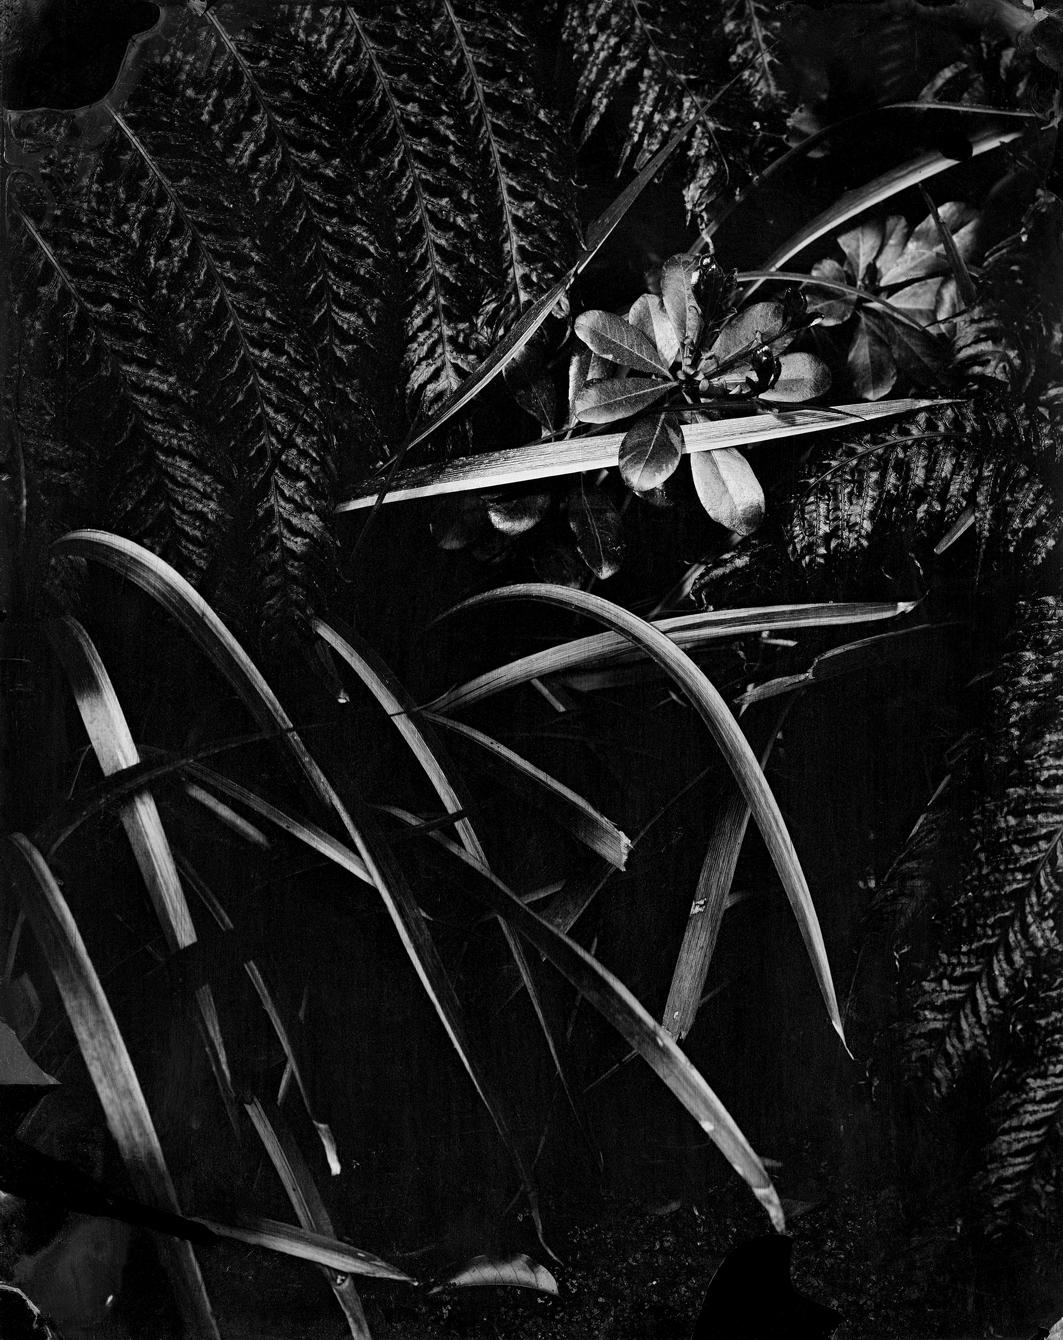 """(1) Jardín Negro 1: Ambrotipo 8x10"""" (2014)  © Fernanda Larraín"""